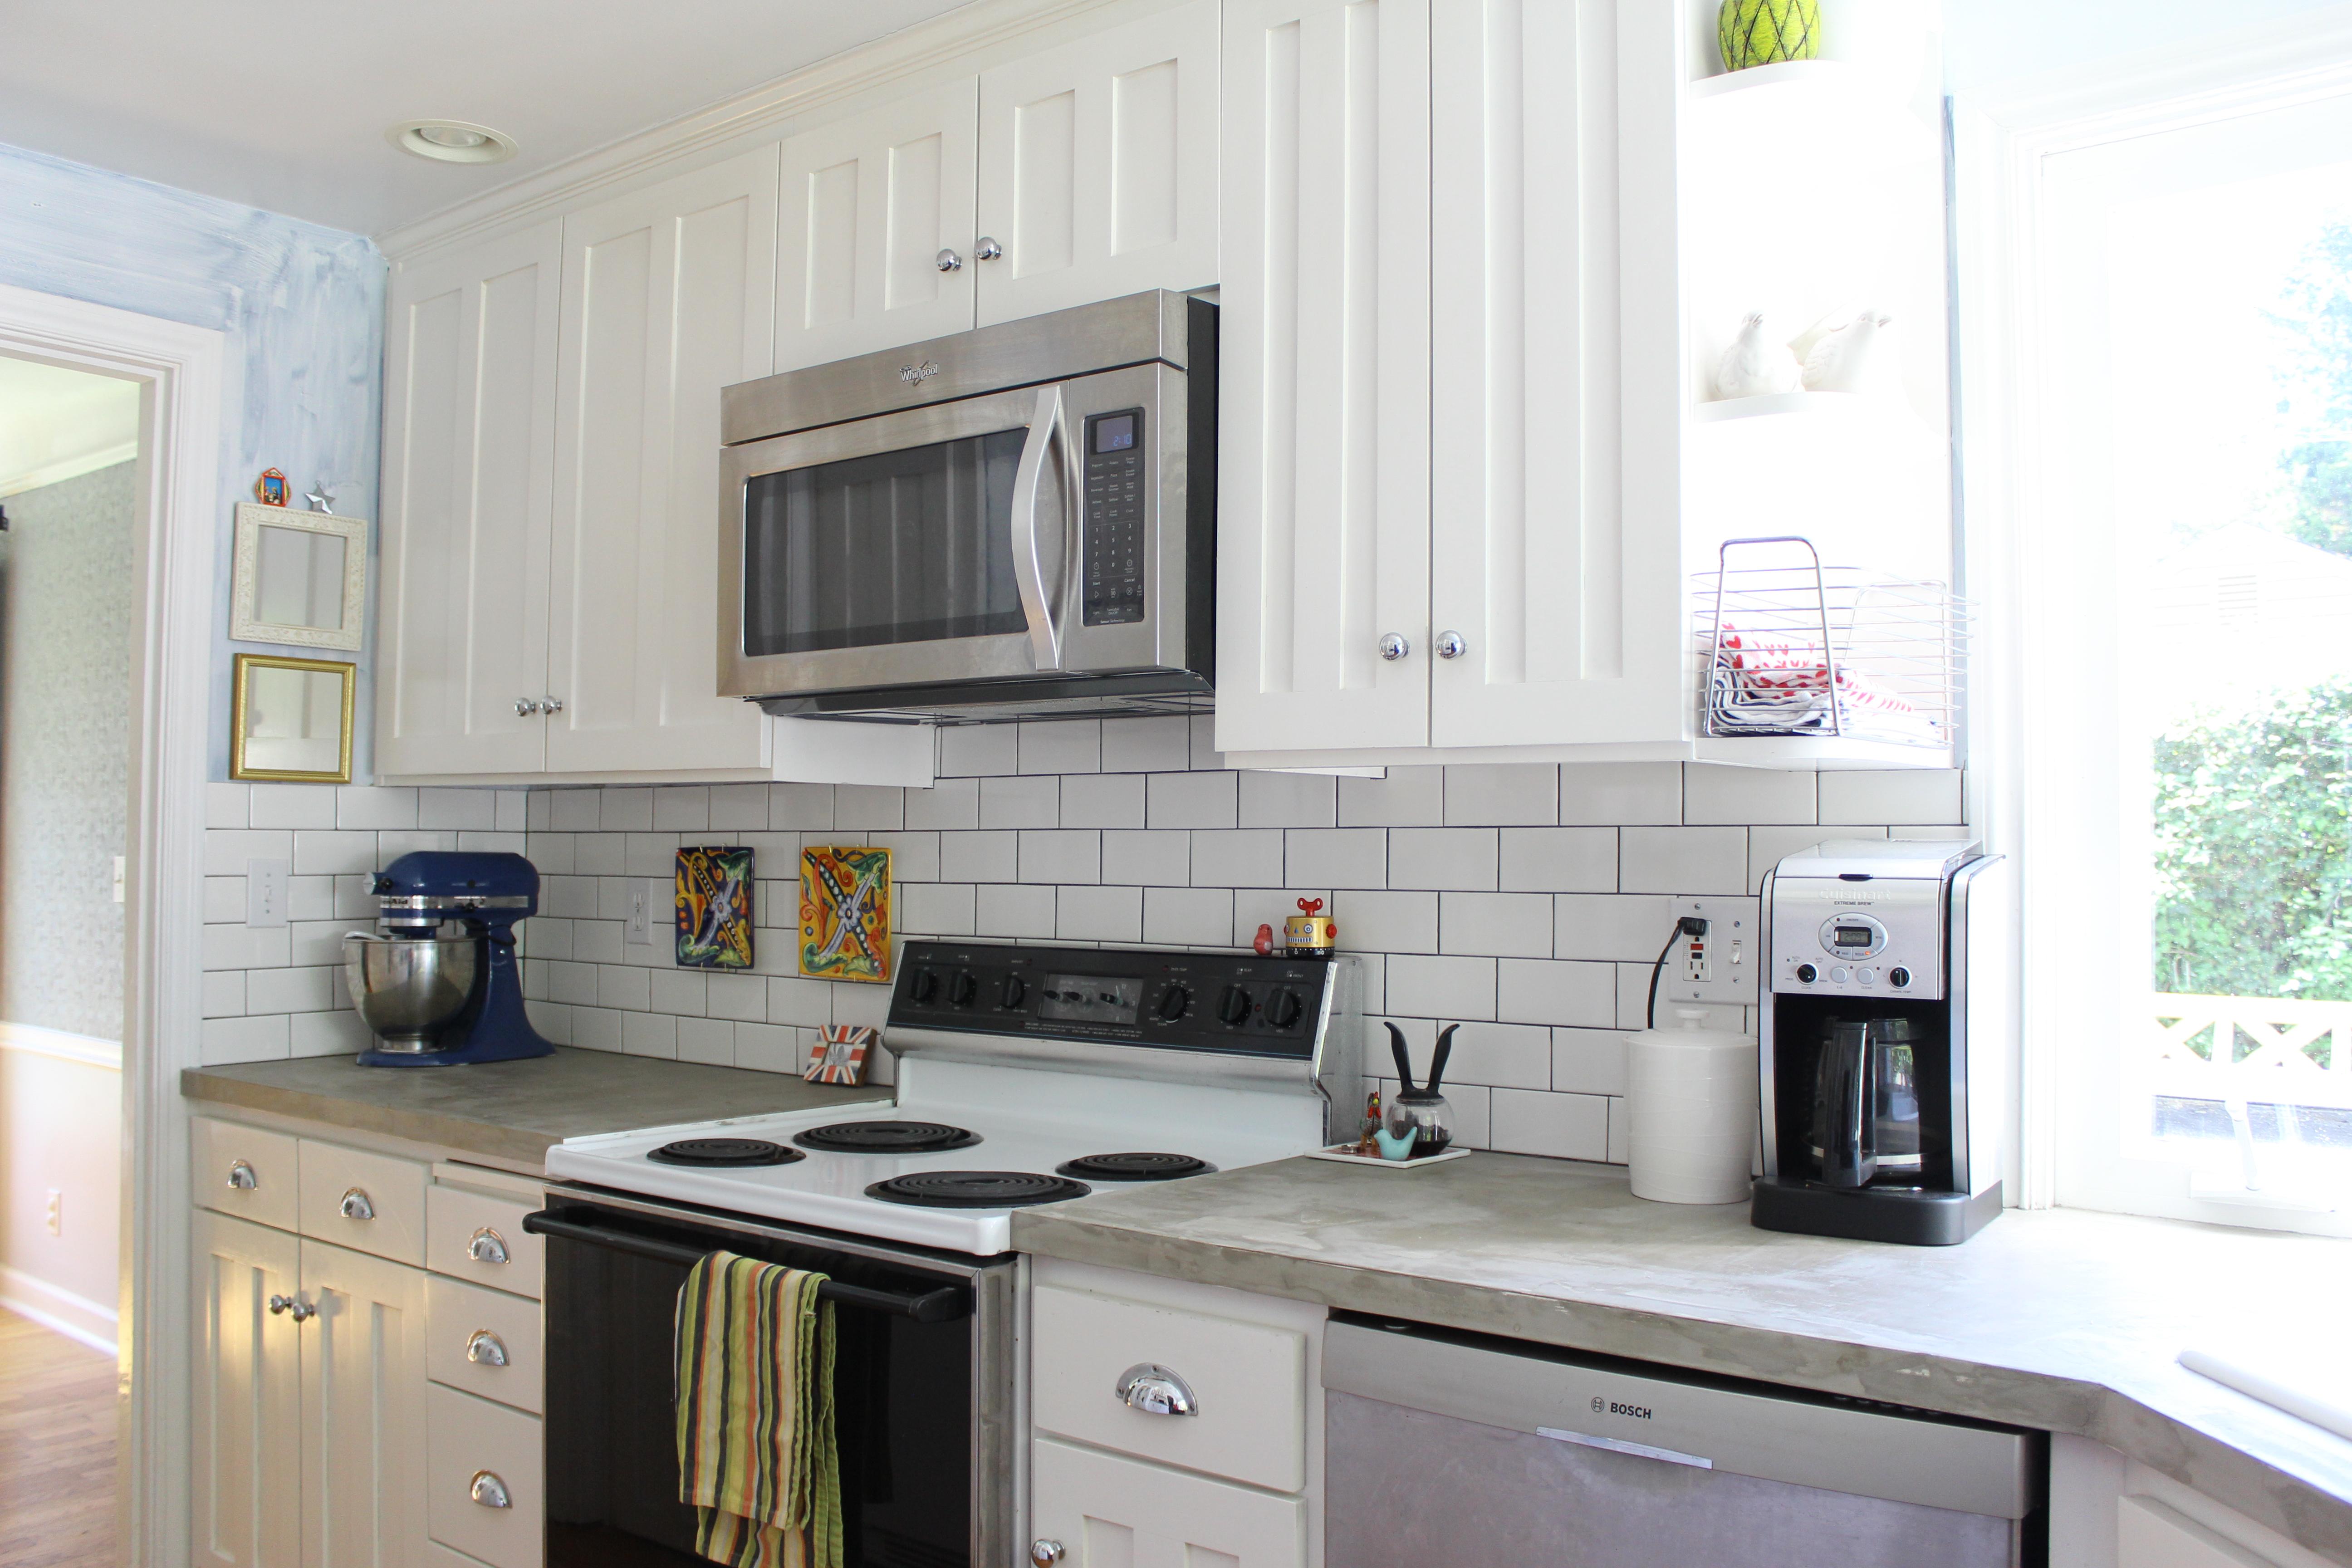 kitchen subway tile backsplash kitchen subway tile backsplash IMG